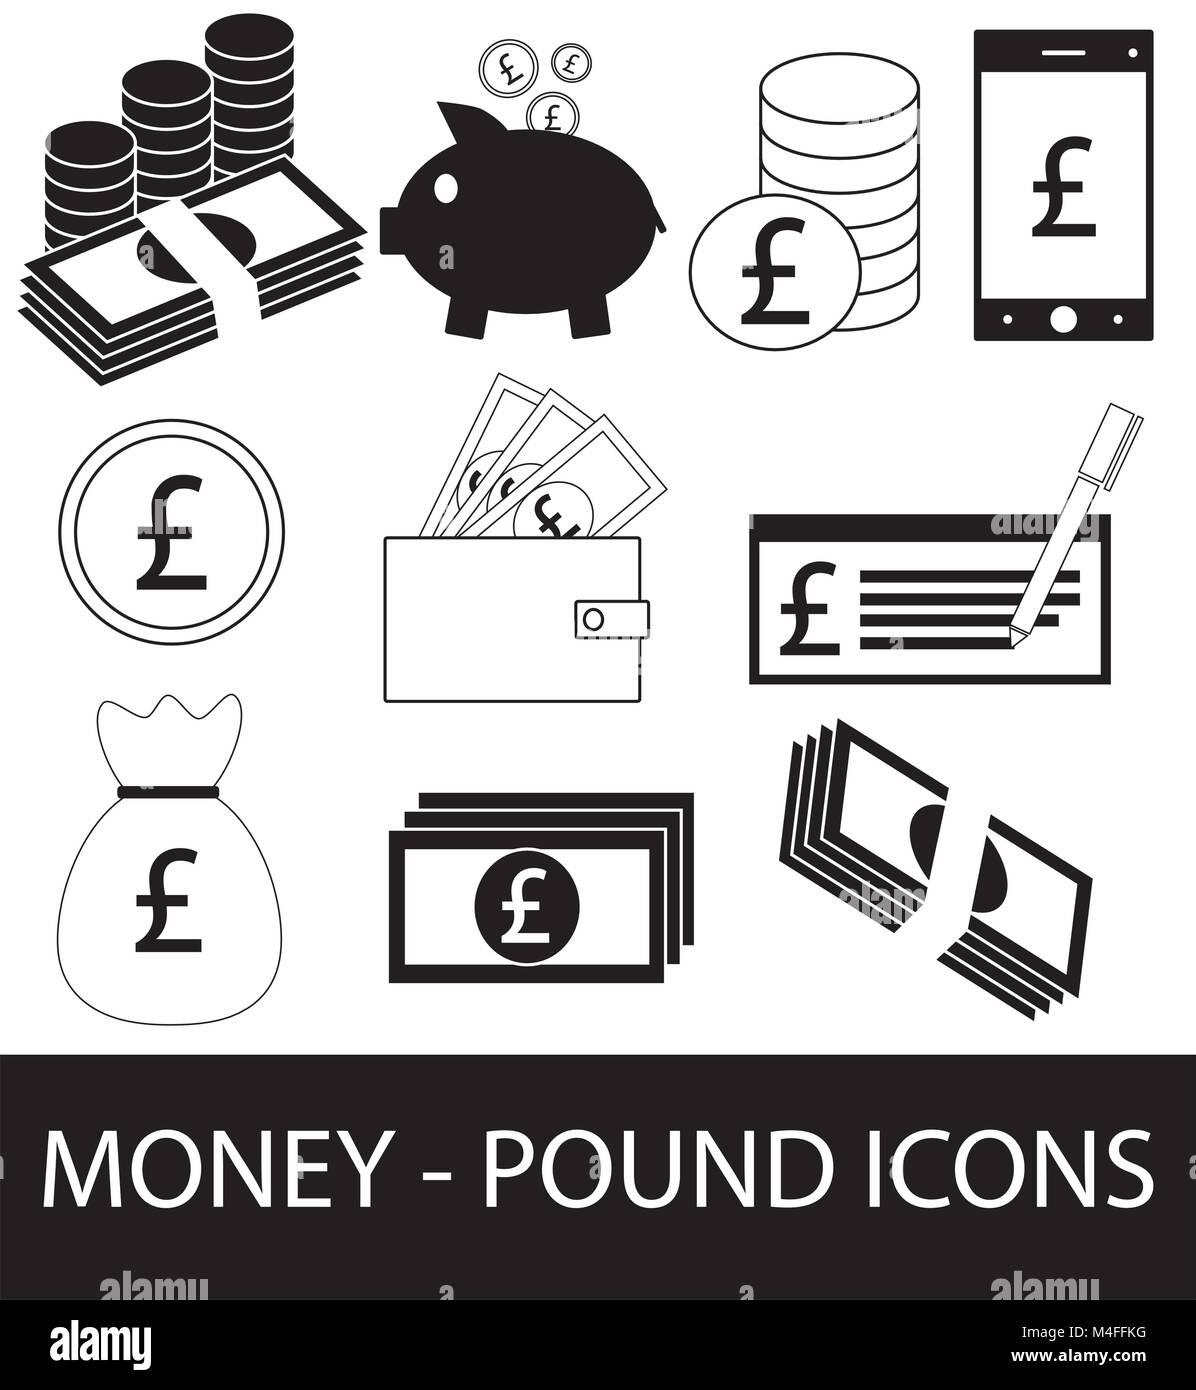 Satz, Sammlung oder Pack von Pfund Währung Symbol oder Logo. Münzen, Noten oder Rechnungen, Handy oder Stockbild